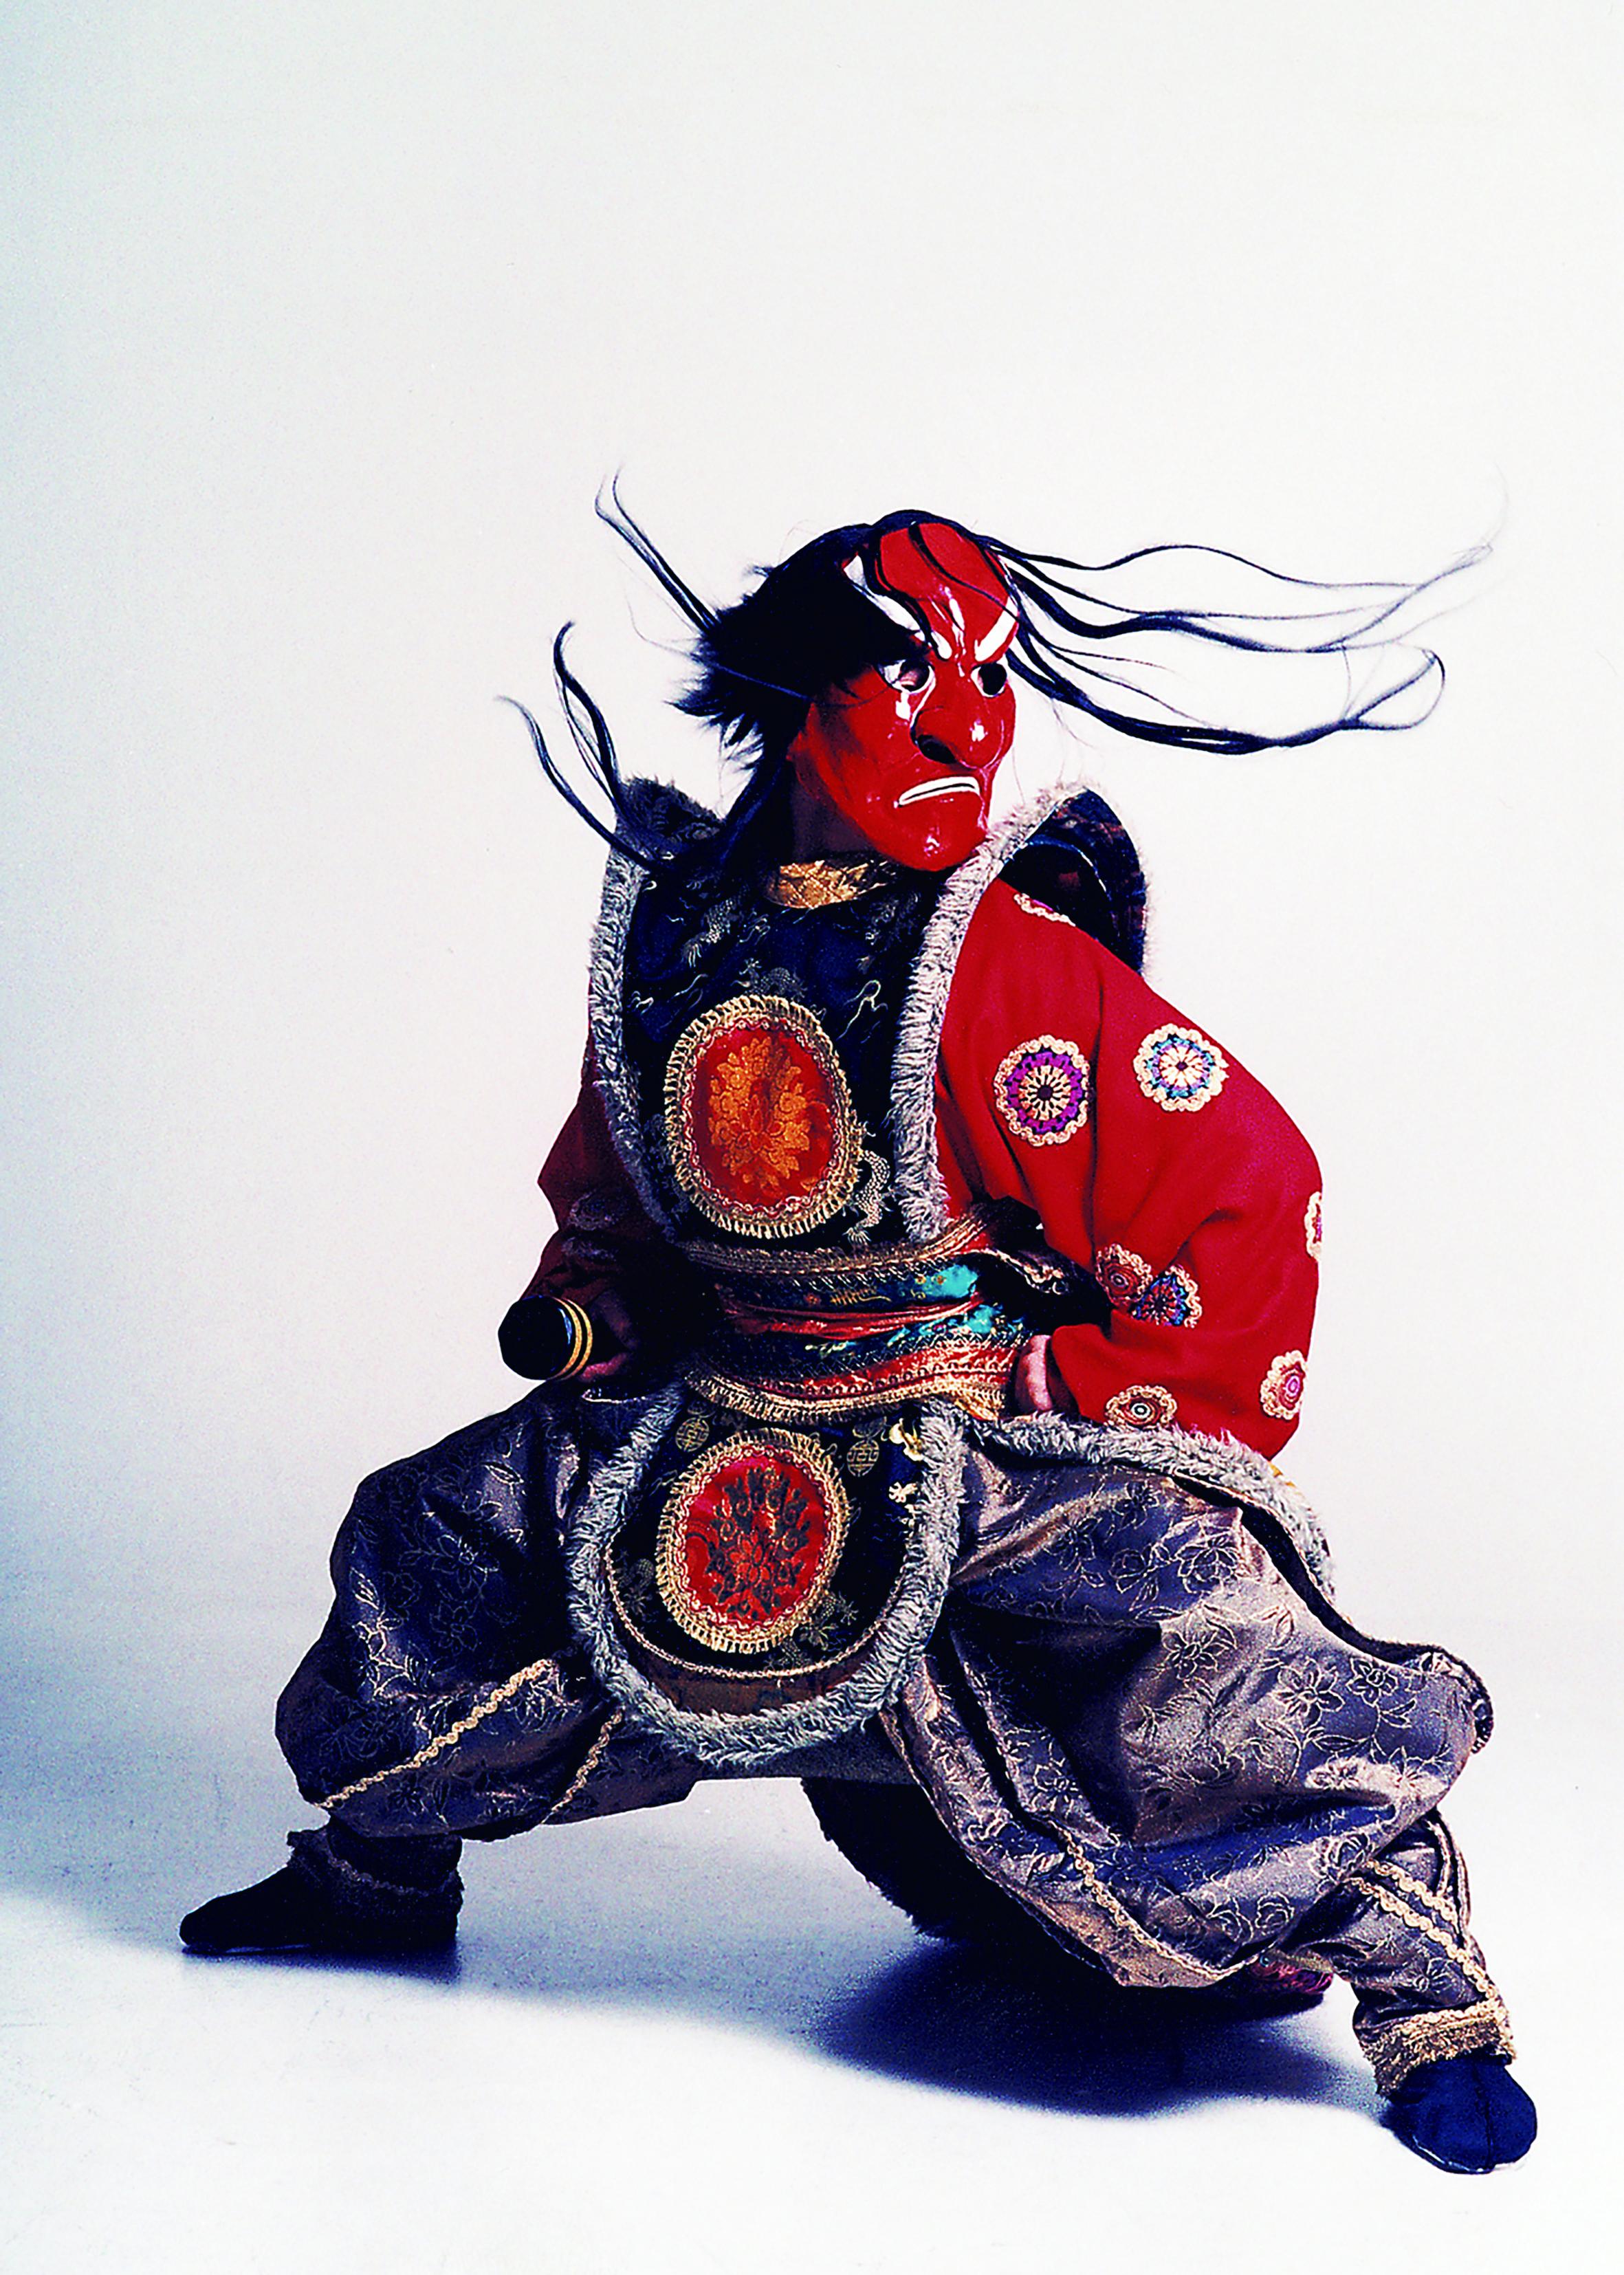 劉鳳學至今仍持續地以舞蹈作為學術研究,自古籍、文獻、樂譜中戮力探索唐樂舞之美及其美學之再現與重建。.jpg